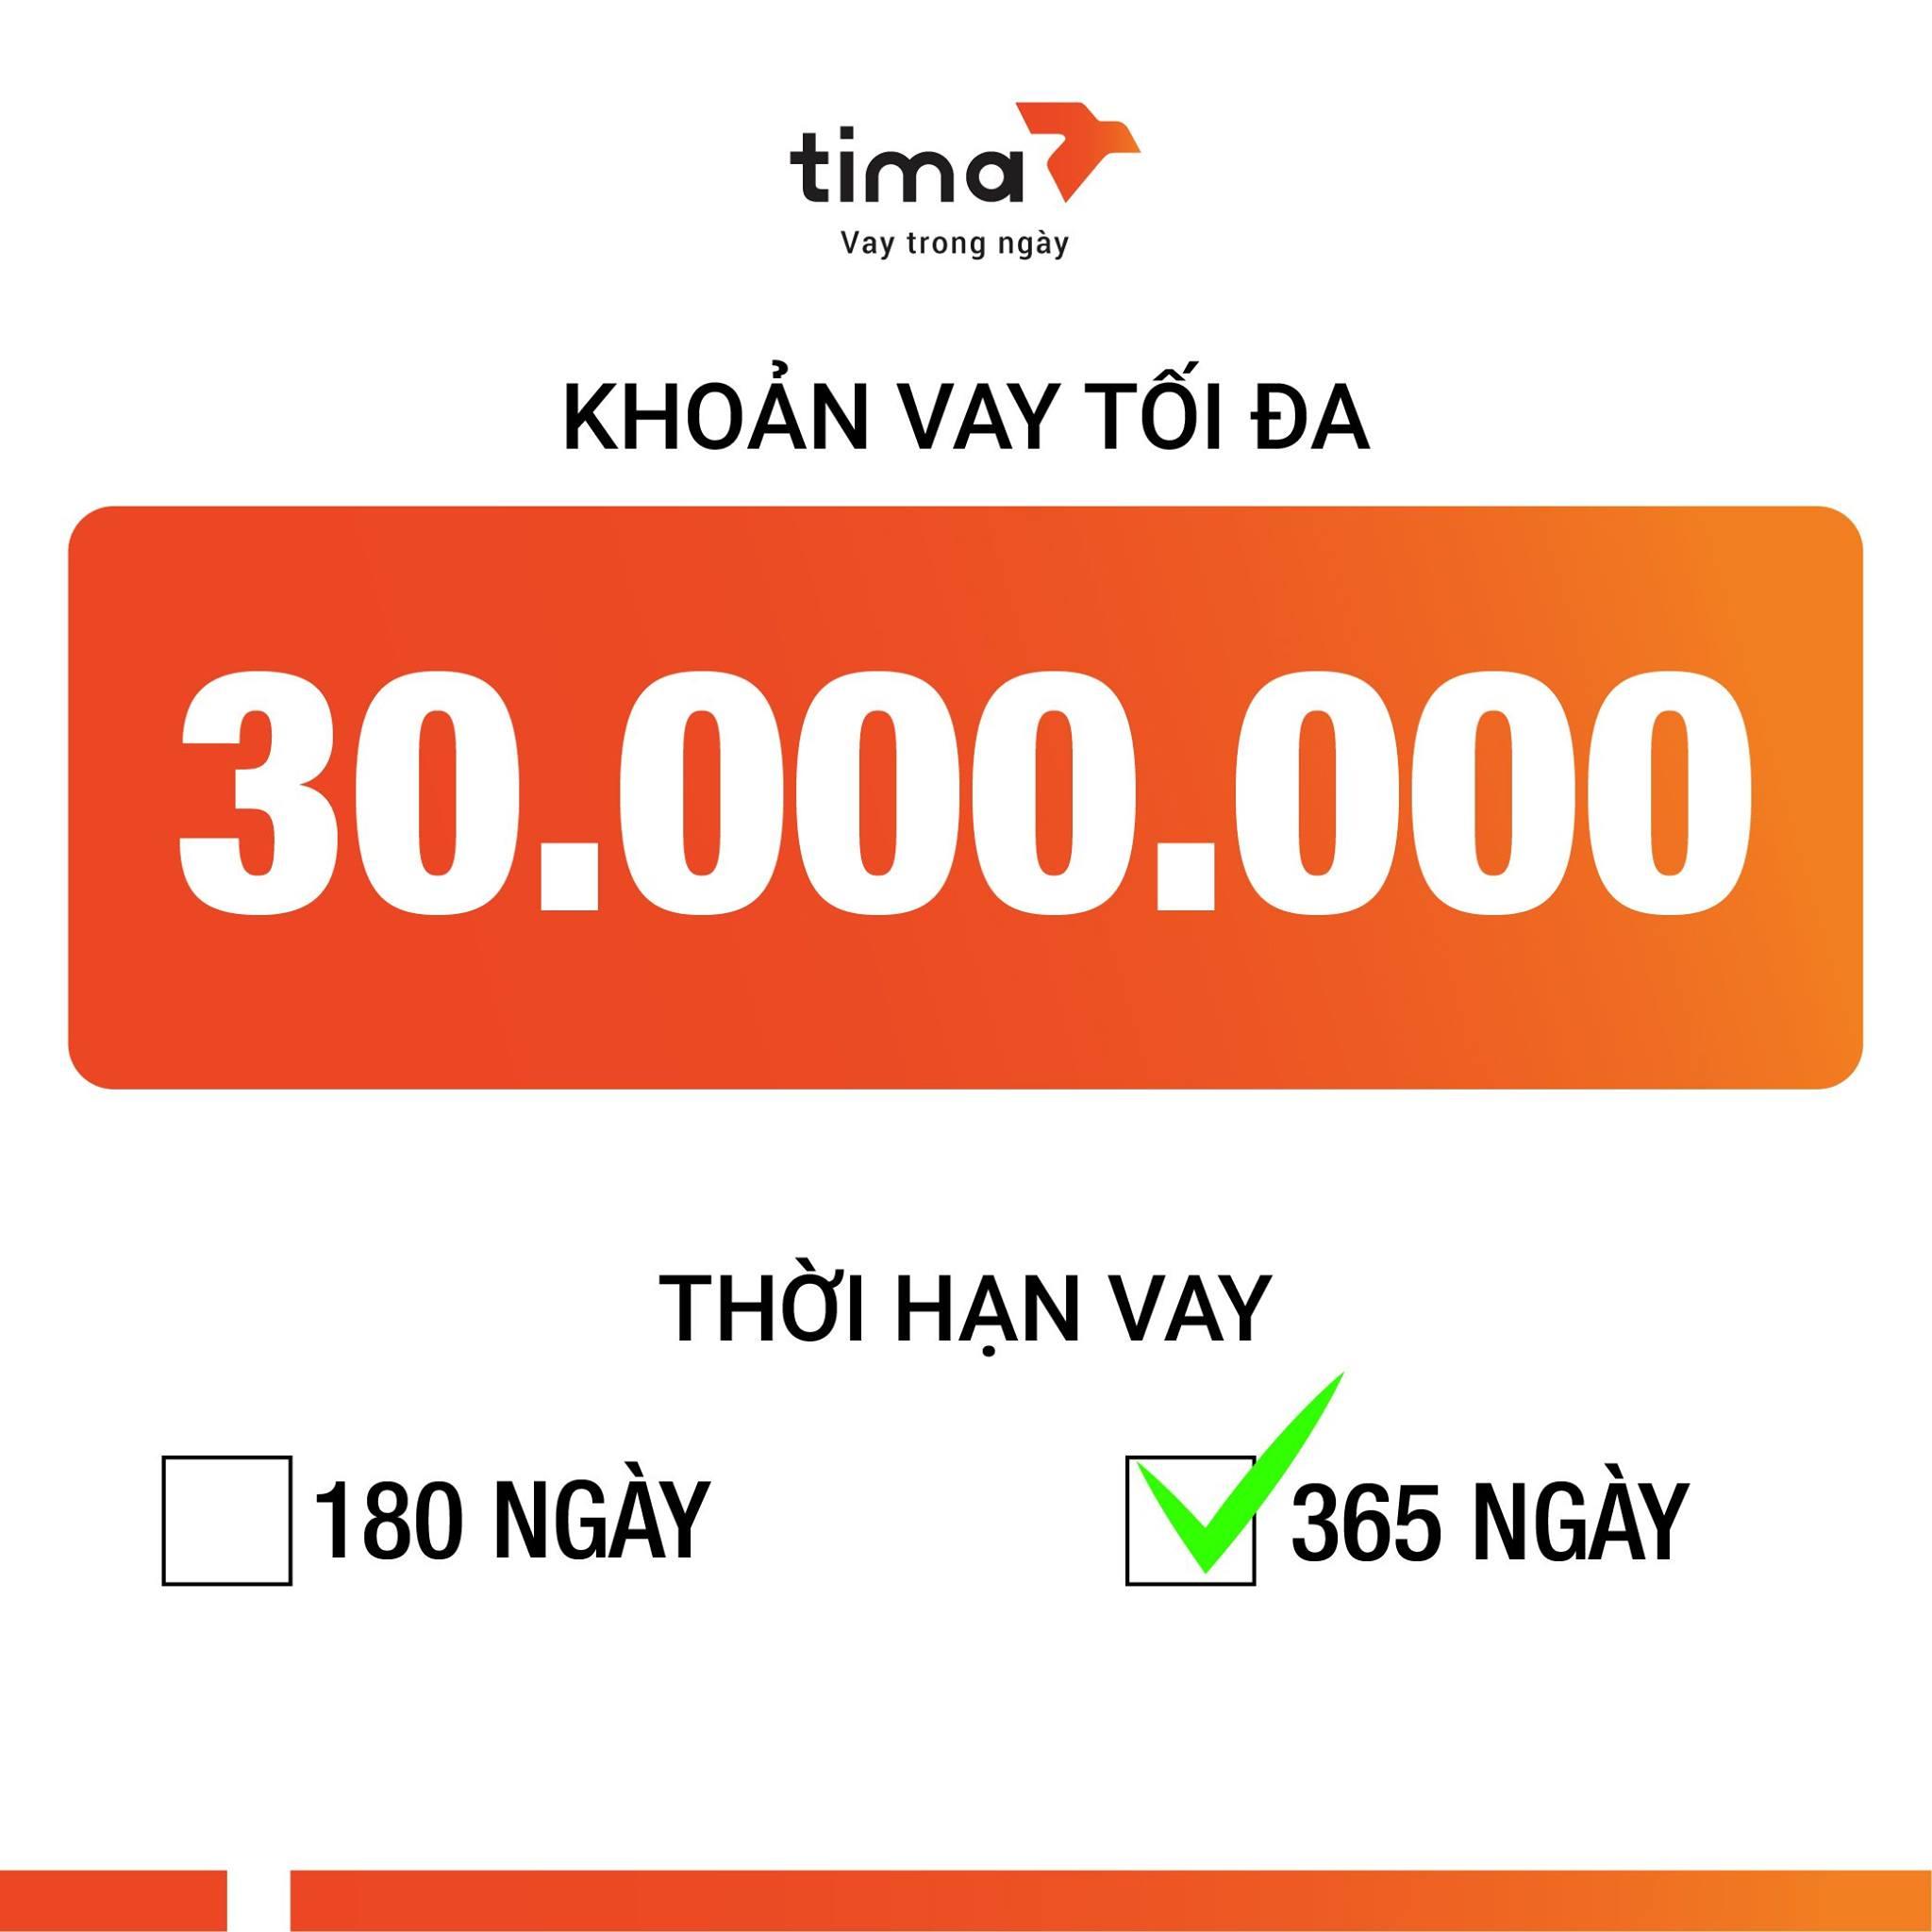 lý do vay tiền tại Tima